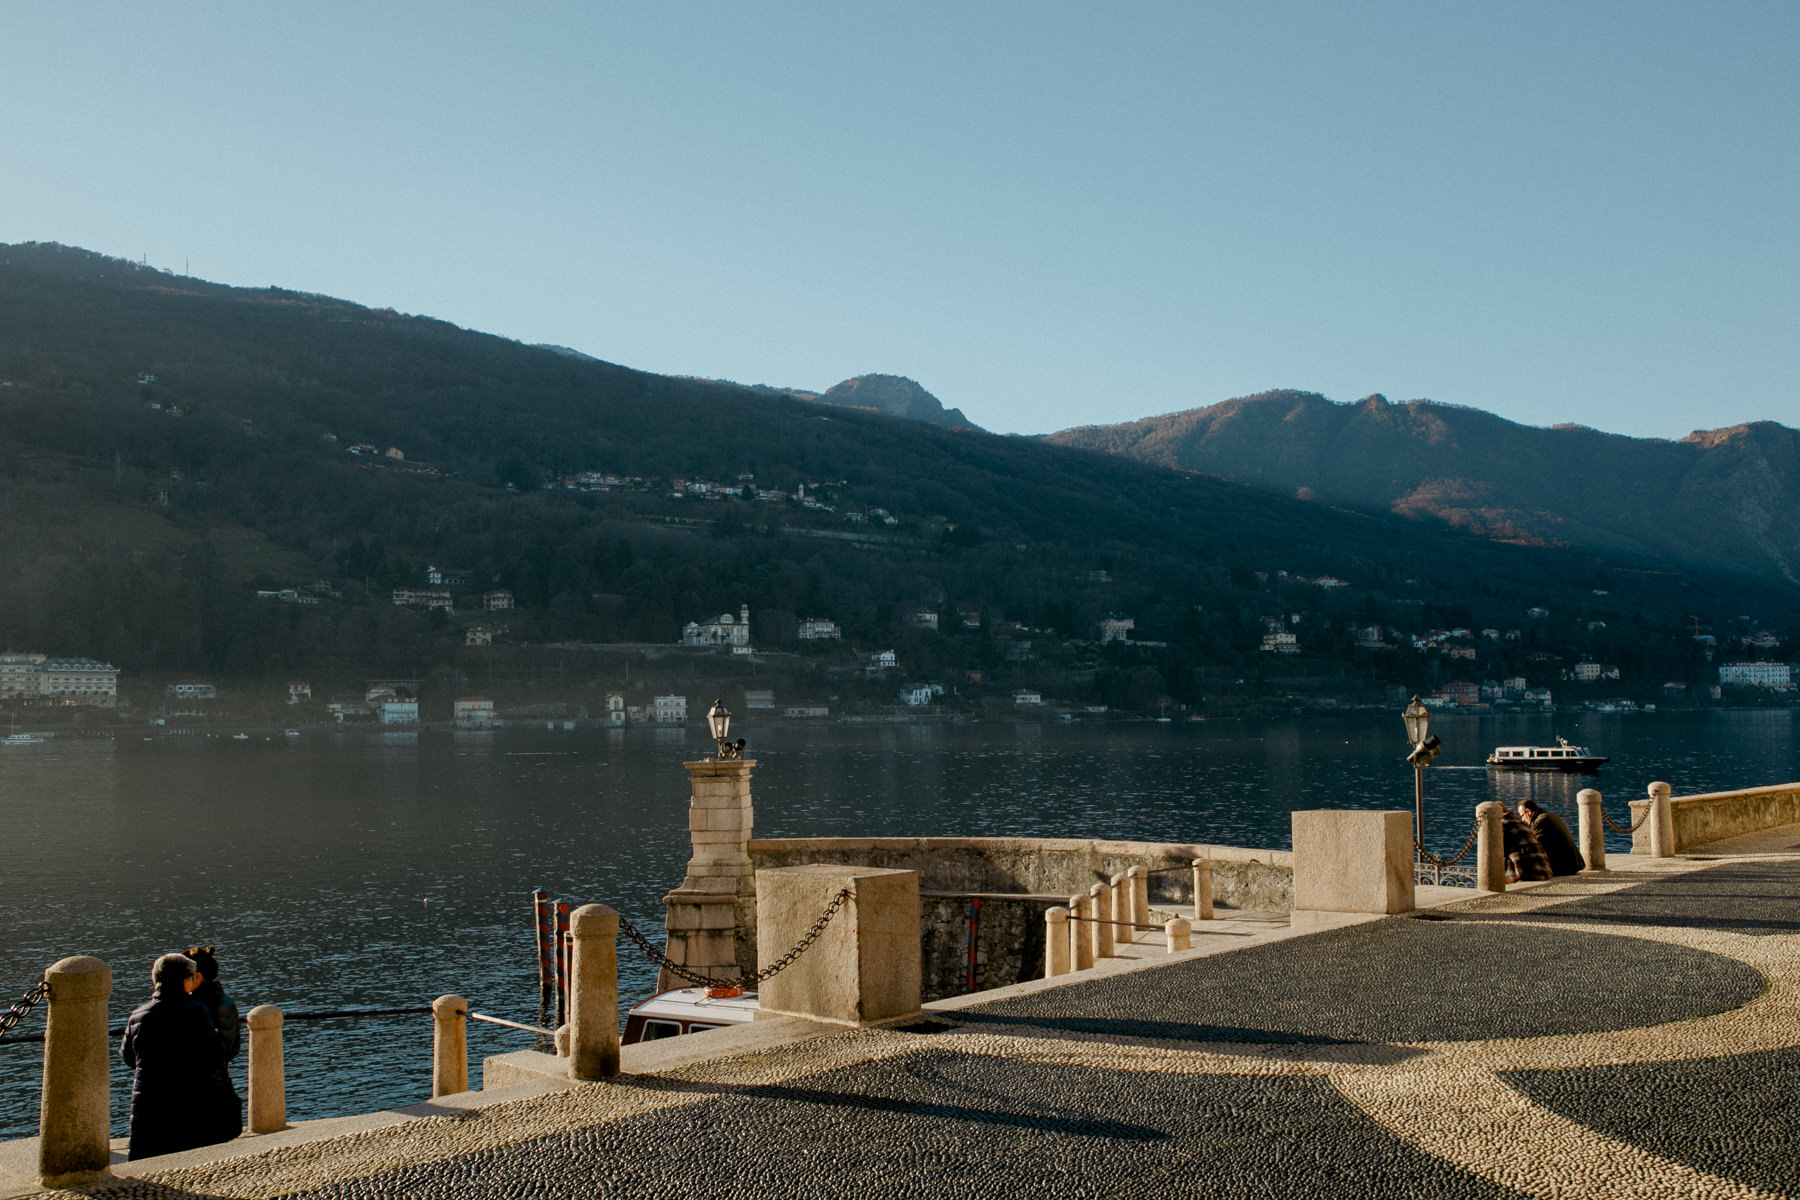 lago_maggiore_italy_liviafigueiredo_8465.jpg